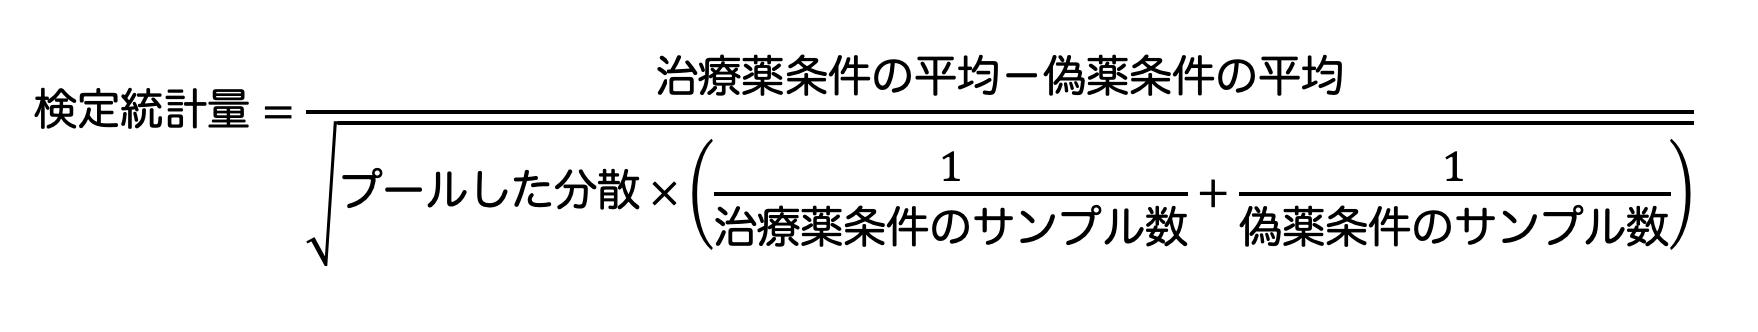 対応のない t 検定の場合、この式から検定統計量を求めることができる